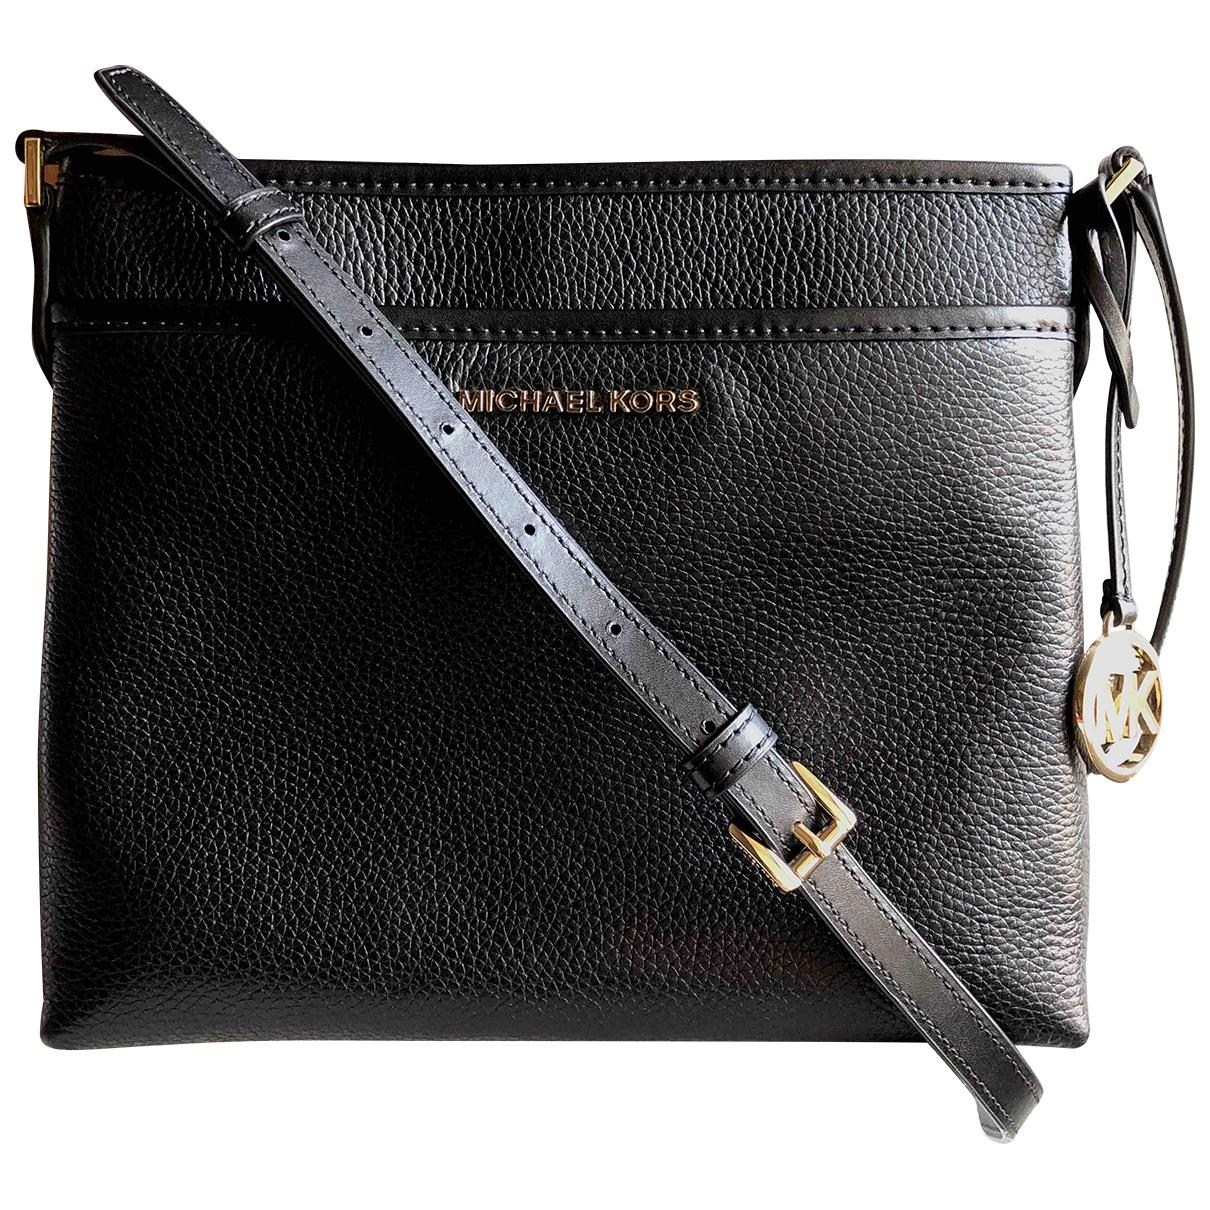 Michael Kors \N Black Leather handbag for Women \N